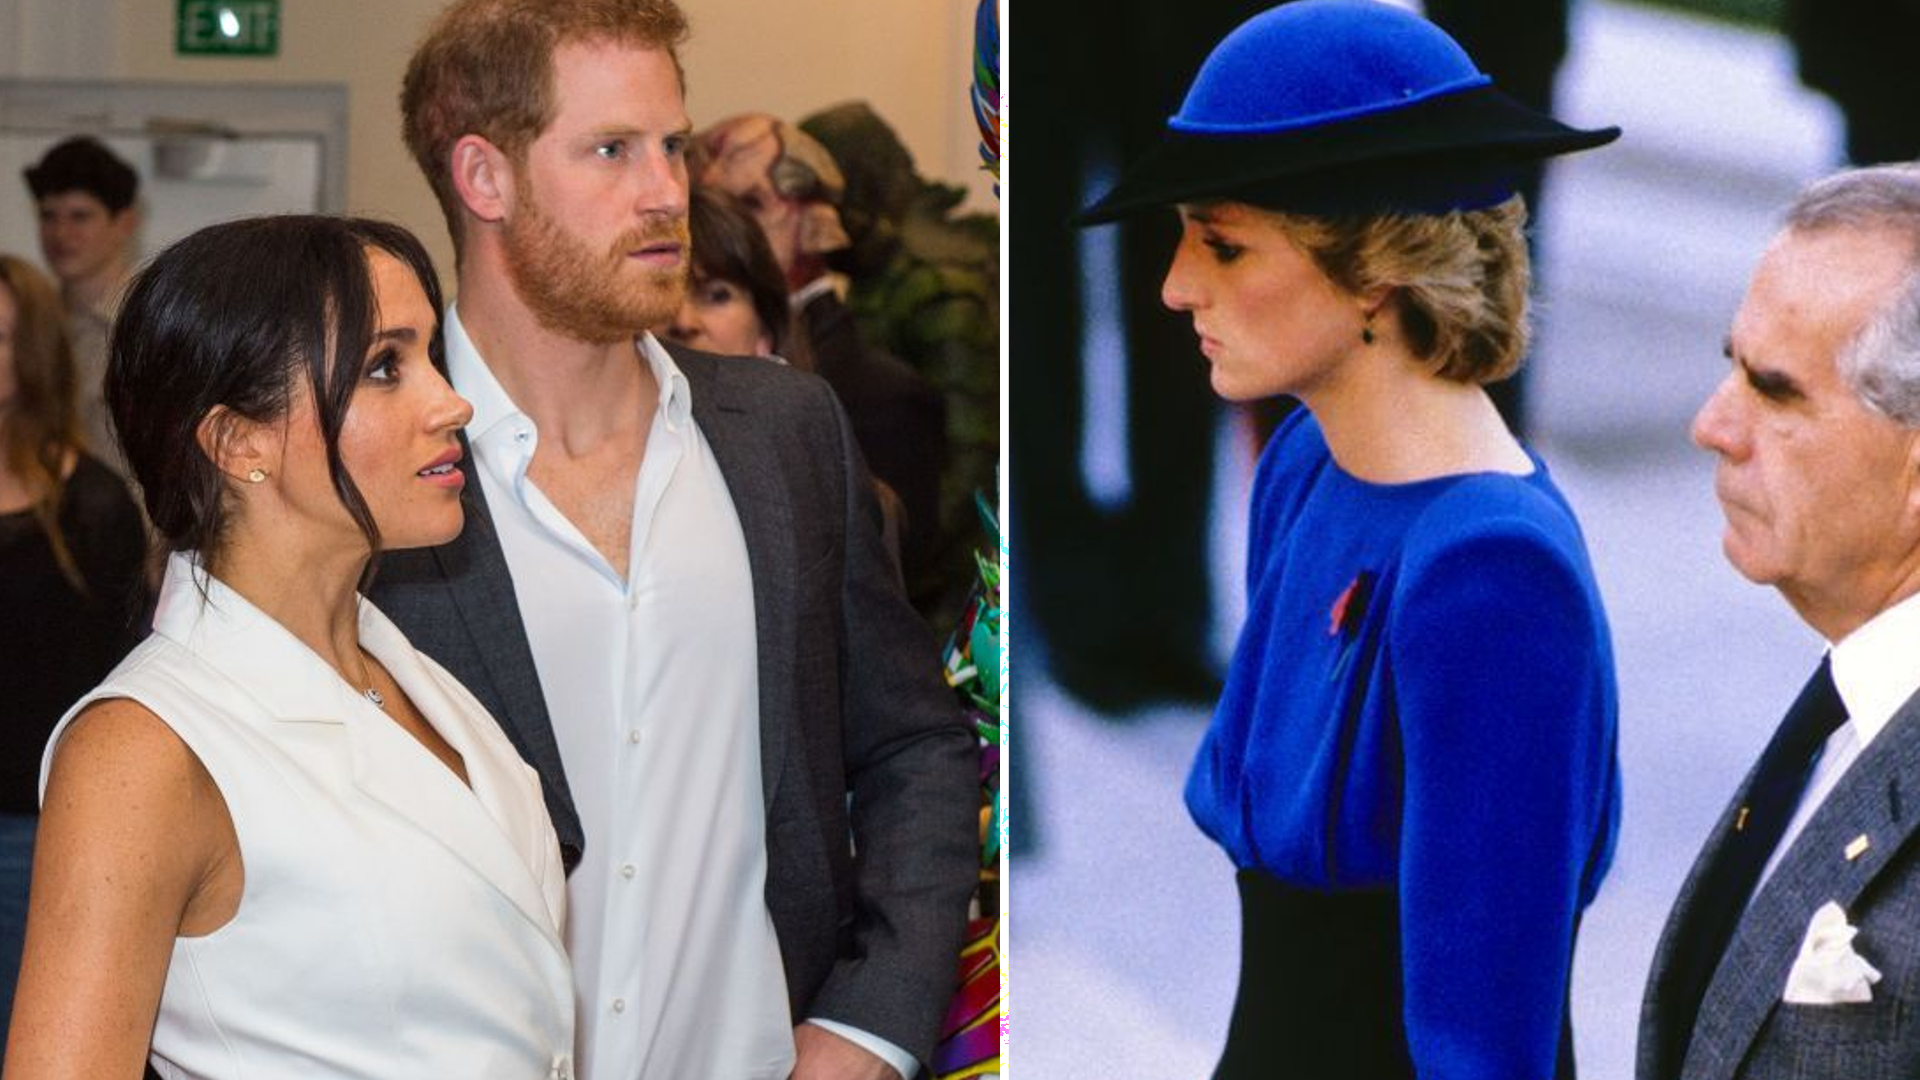 Harry martwi się, że Meghan przejdzie przez to samo piekło, co księżna Diana